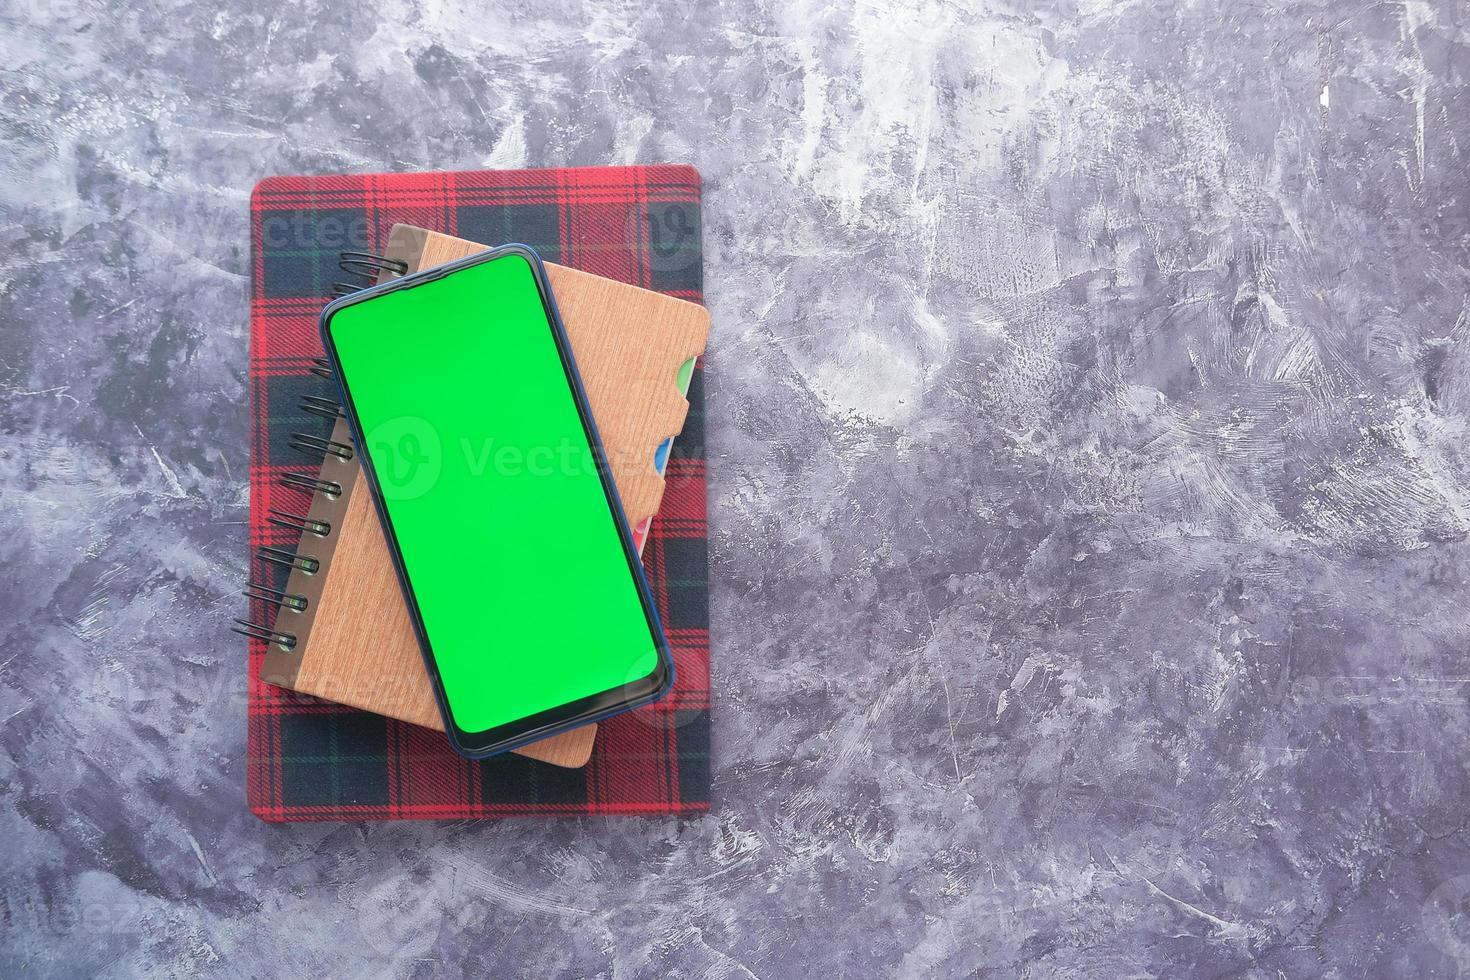 vista superior do smartphone e do bloco de notas na mesa foto